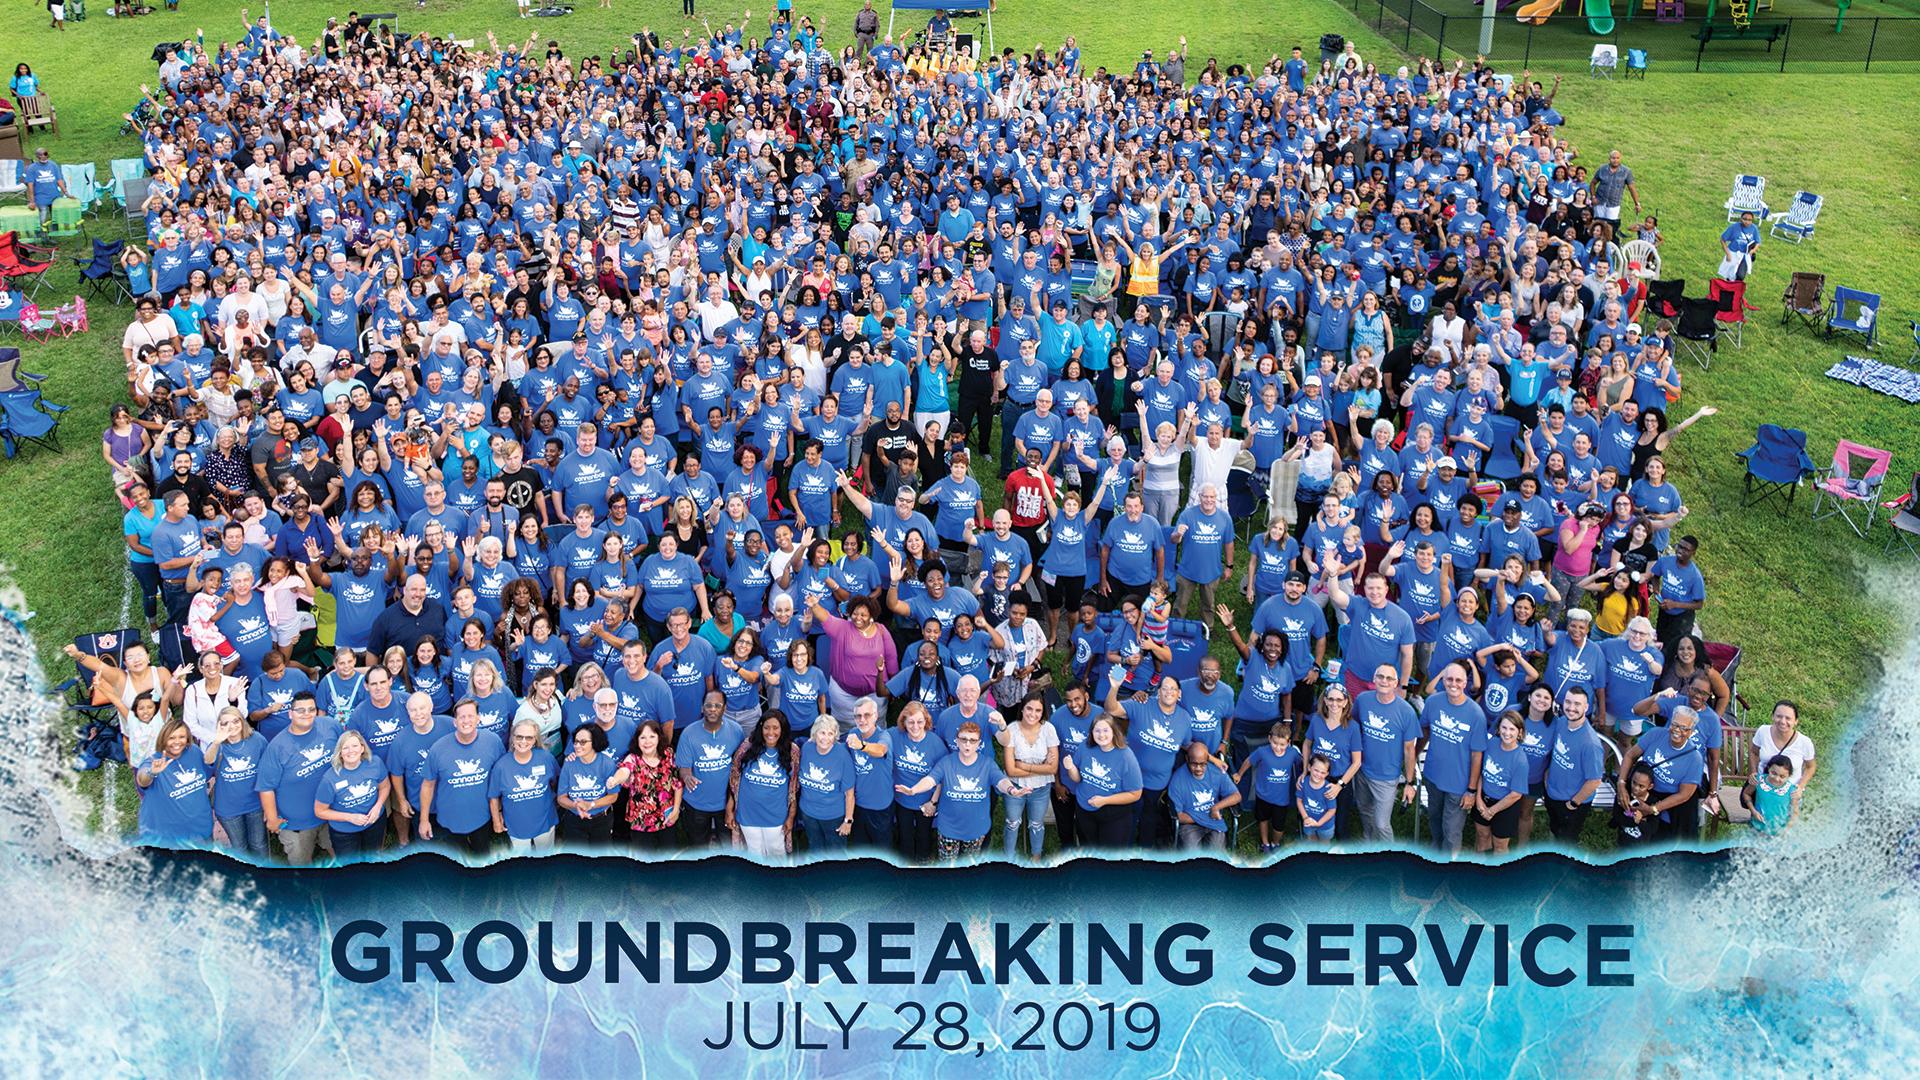 Groundbreaking Service Recap